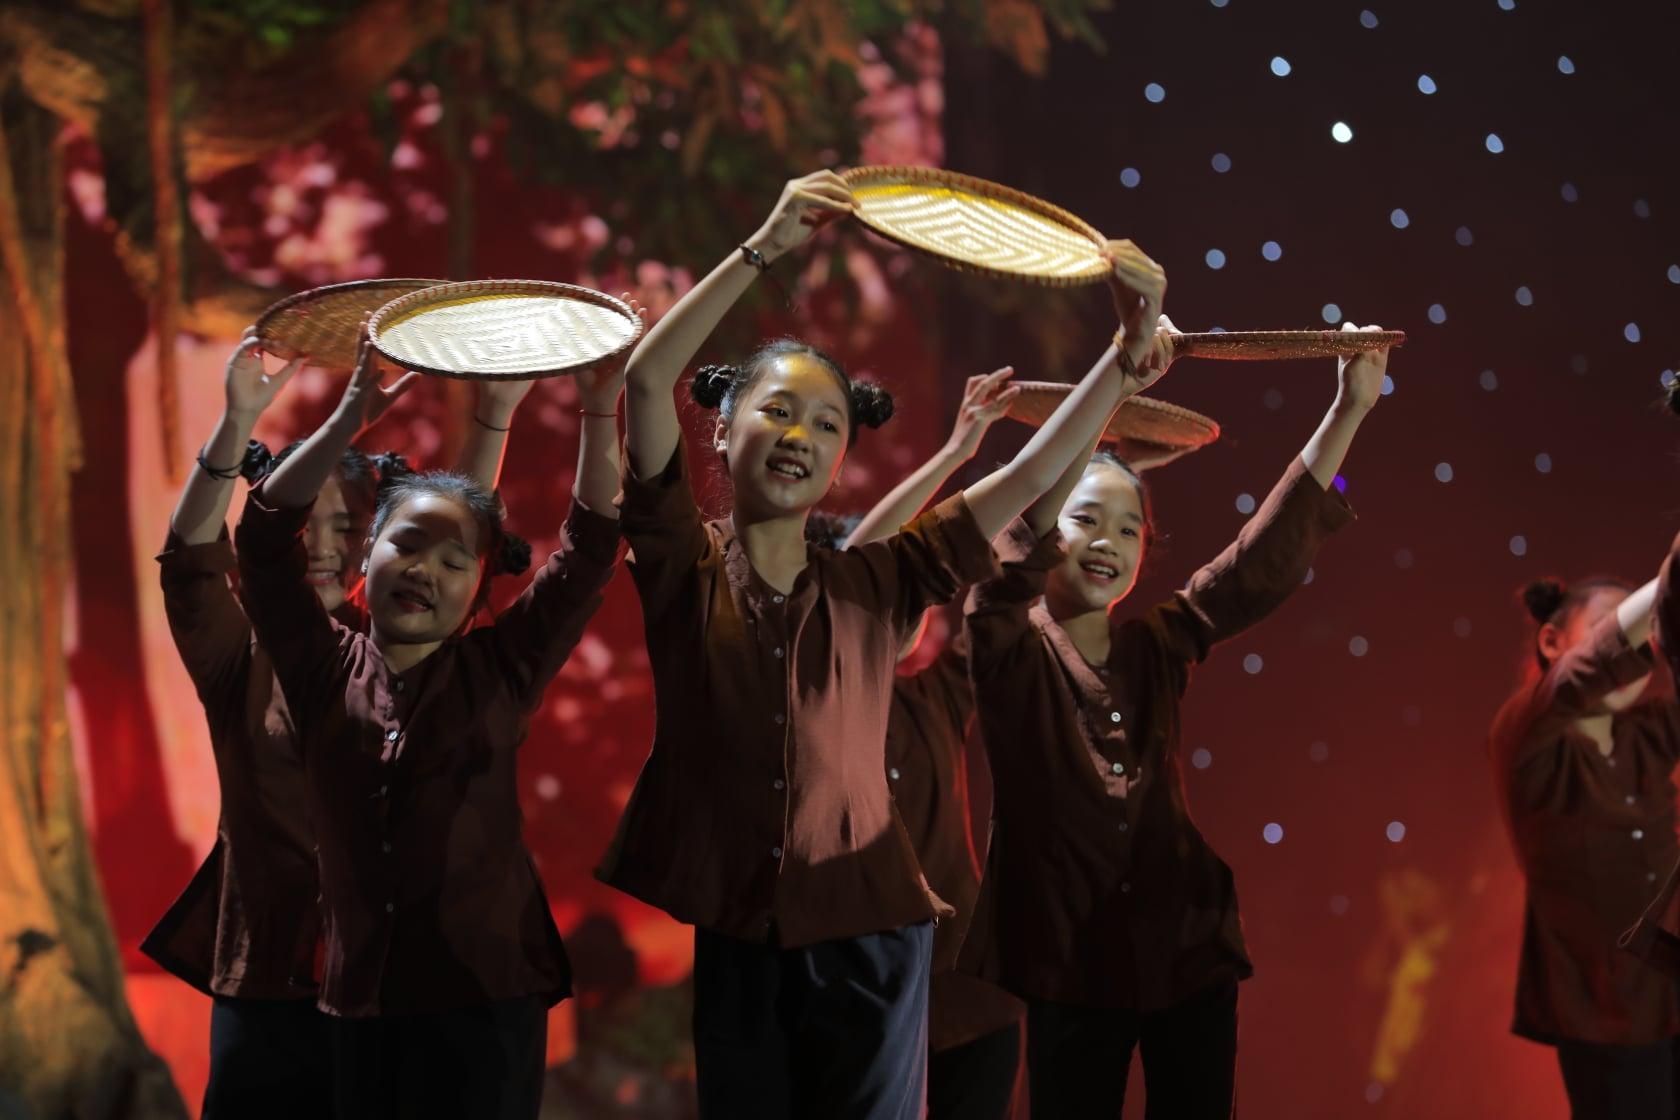 VTV true Concert 2021: Khúc hoan ca vĩnh cửu của Nước và Mẹ Thiên nhiên 4